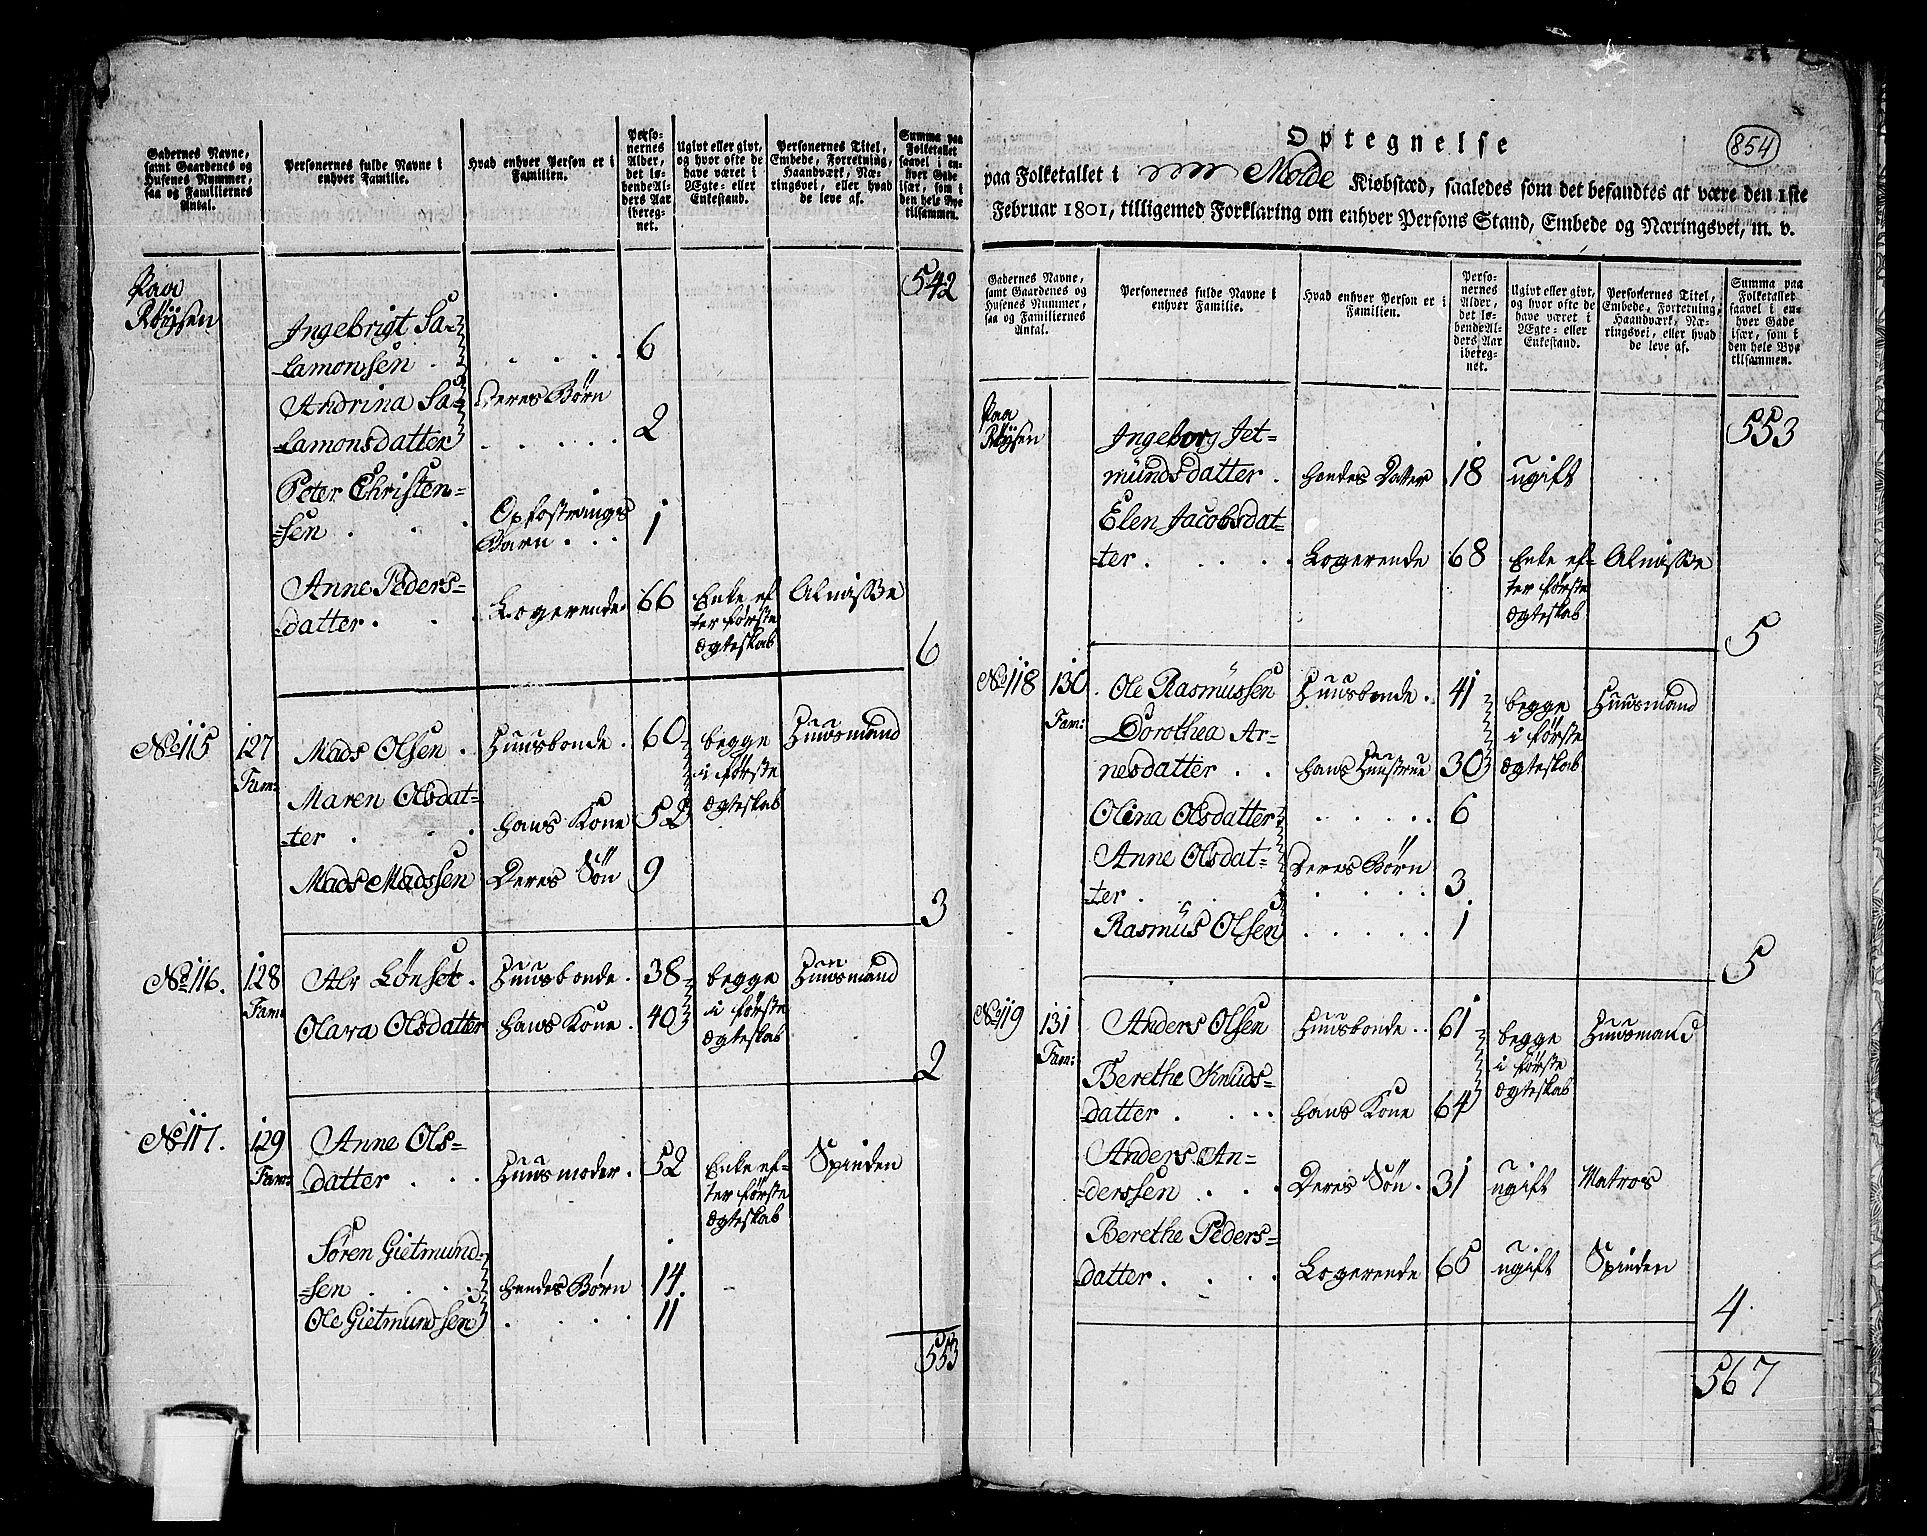 RA, Folketelling 1801 for 1544P Bolsøy prestegjeld, 1801, s. 853b-854a